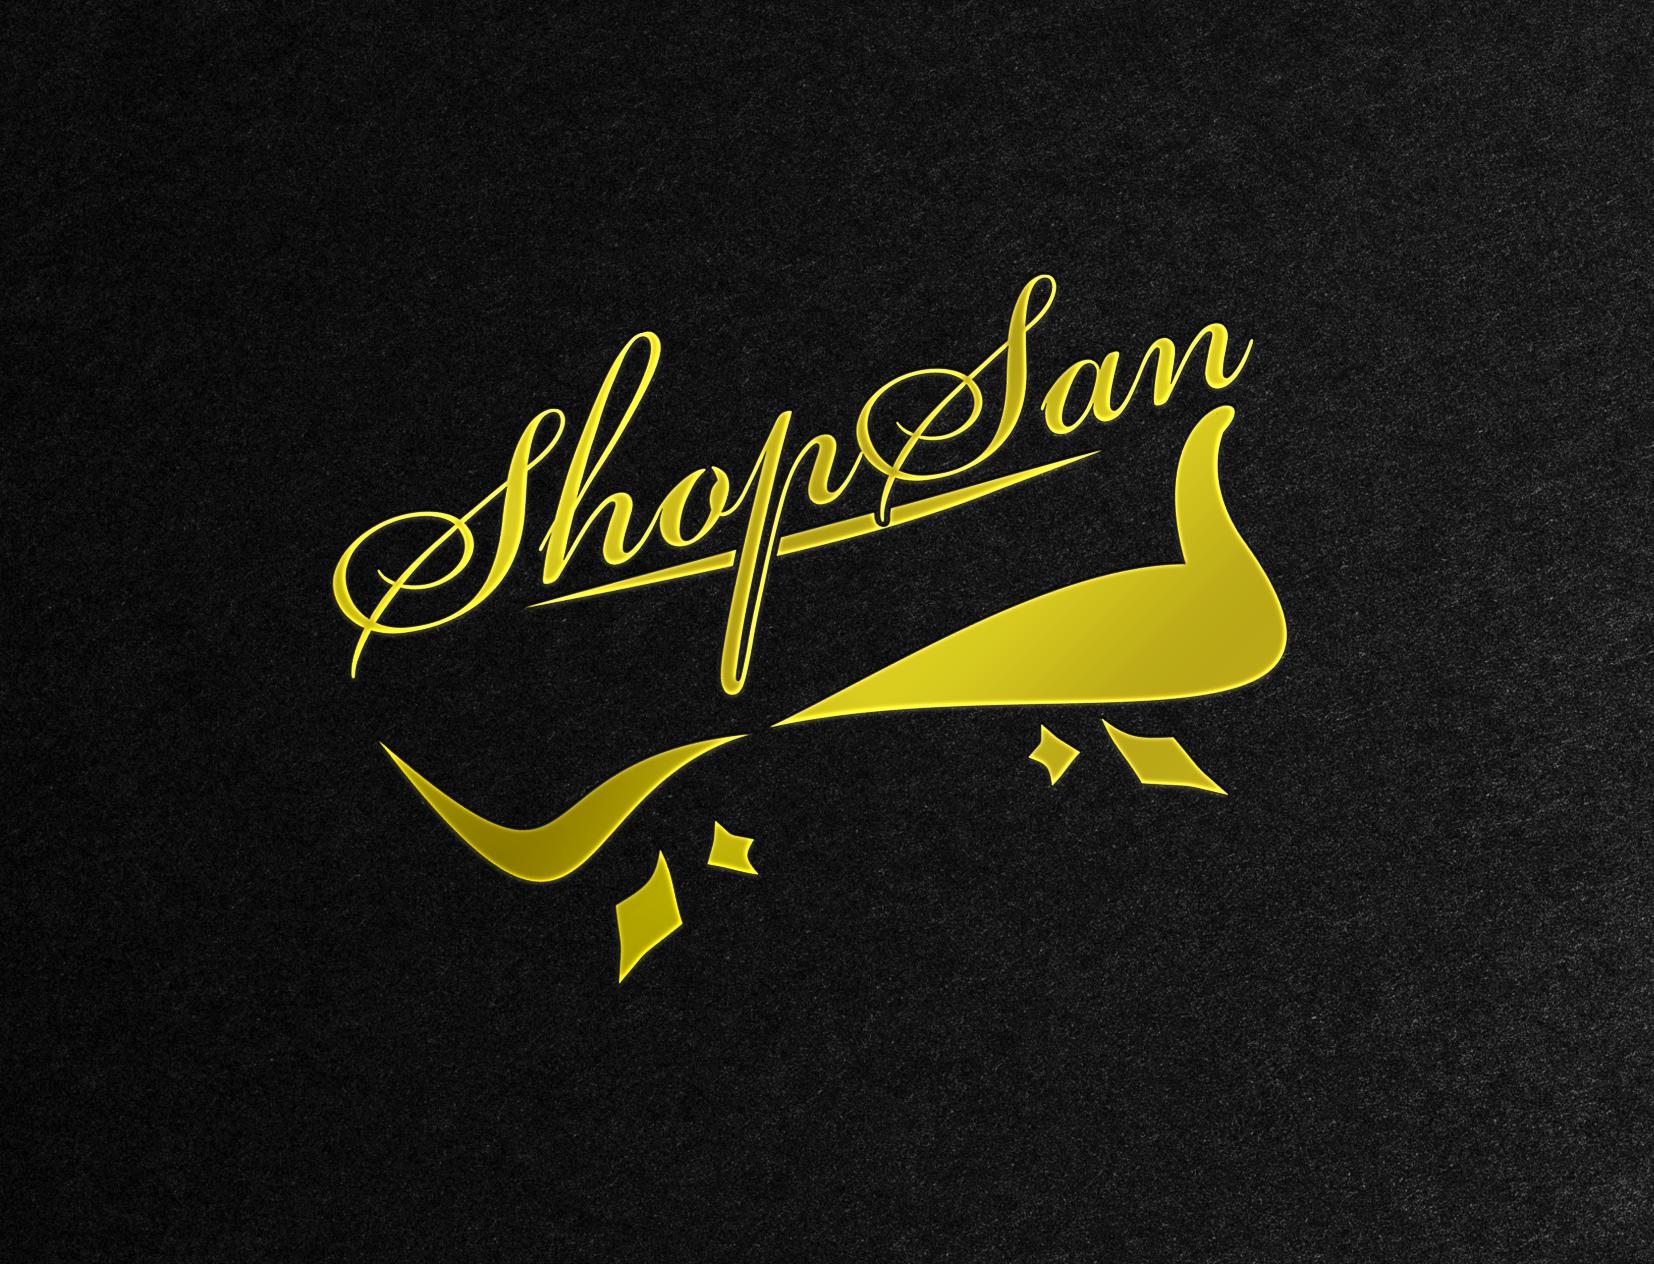 Найти дизайнера логотипа фриланс freelancer freelance